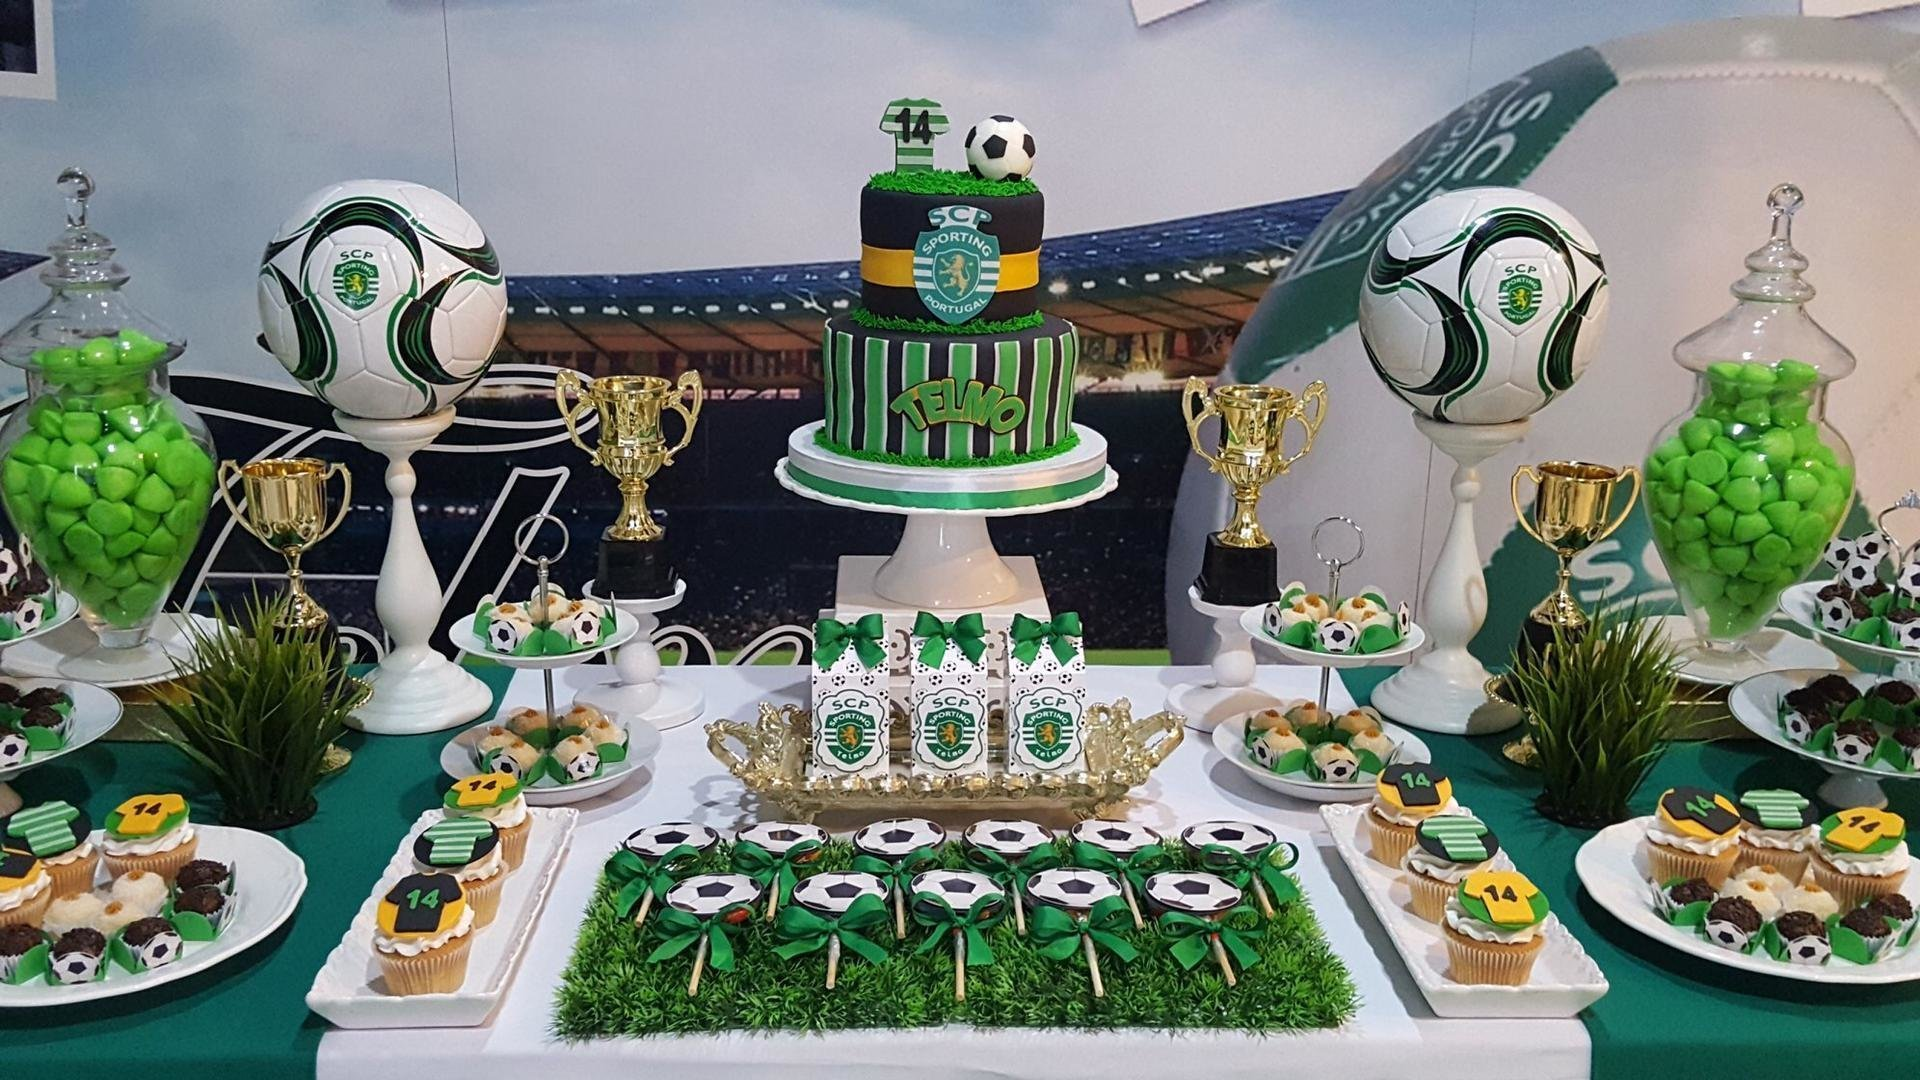 Decoração de festa infantil menino Tema Futebol SCP Sporting Club De Portugal